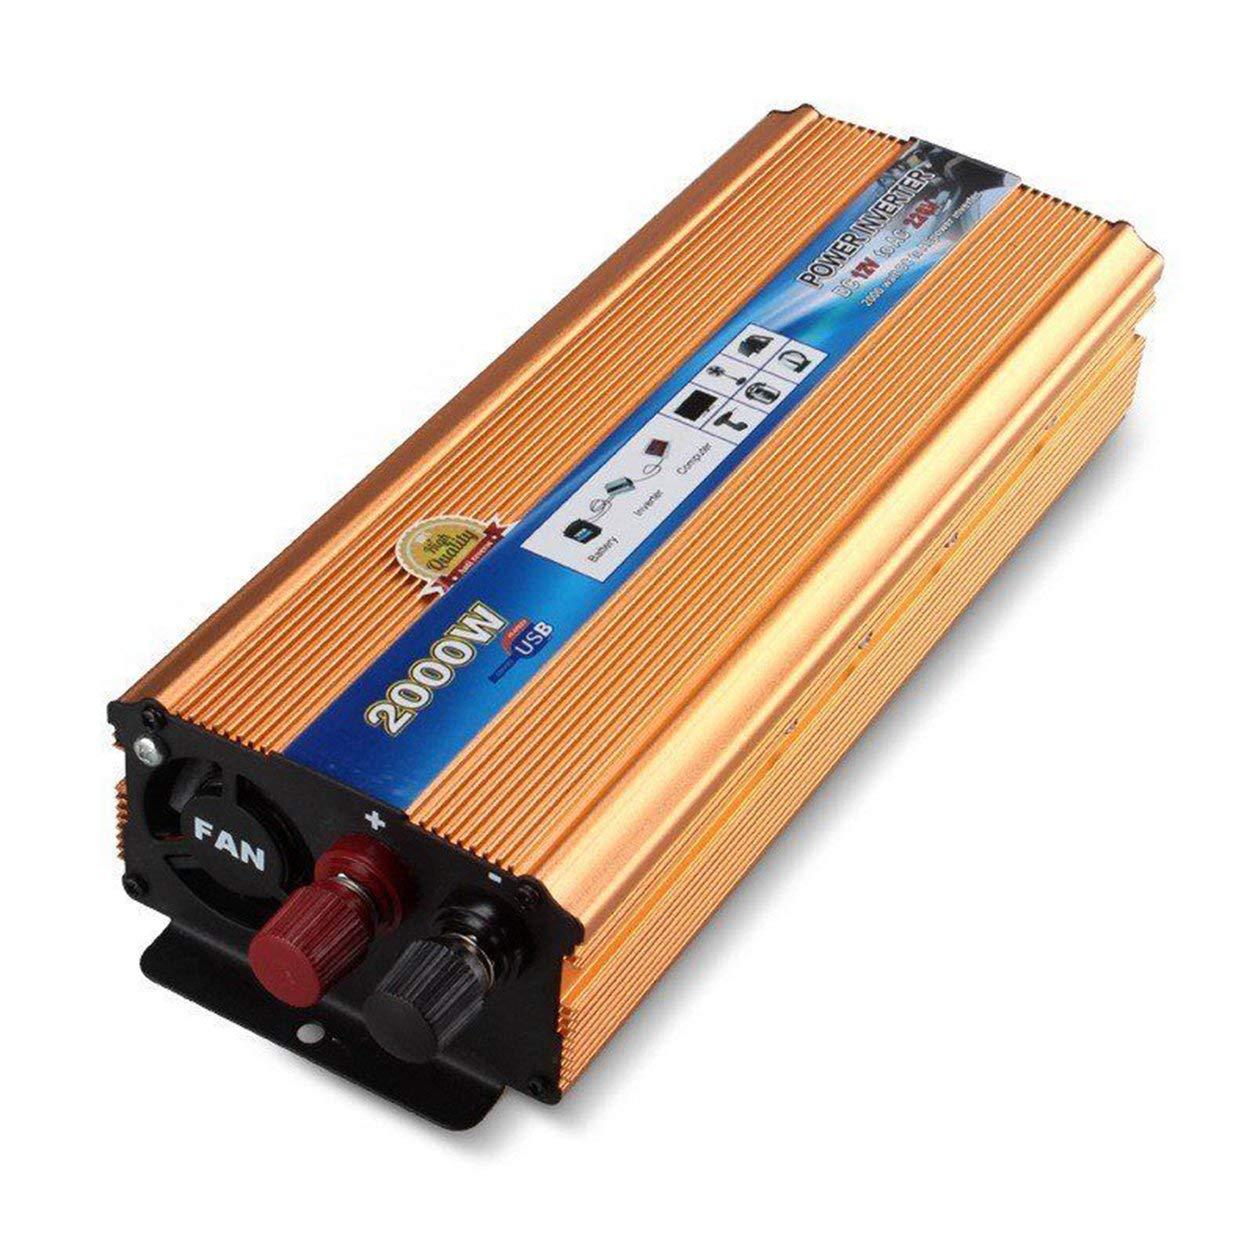 4000 W De Pico Onda Sinusoidal del Power Inverter DC 12 V convertidor con Puerto USB: Amazon.es: Electrónica